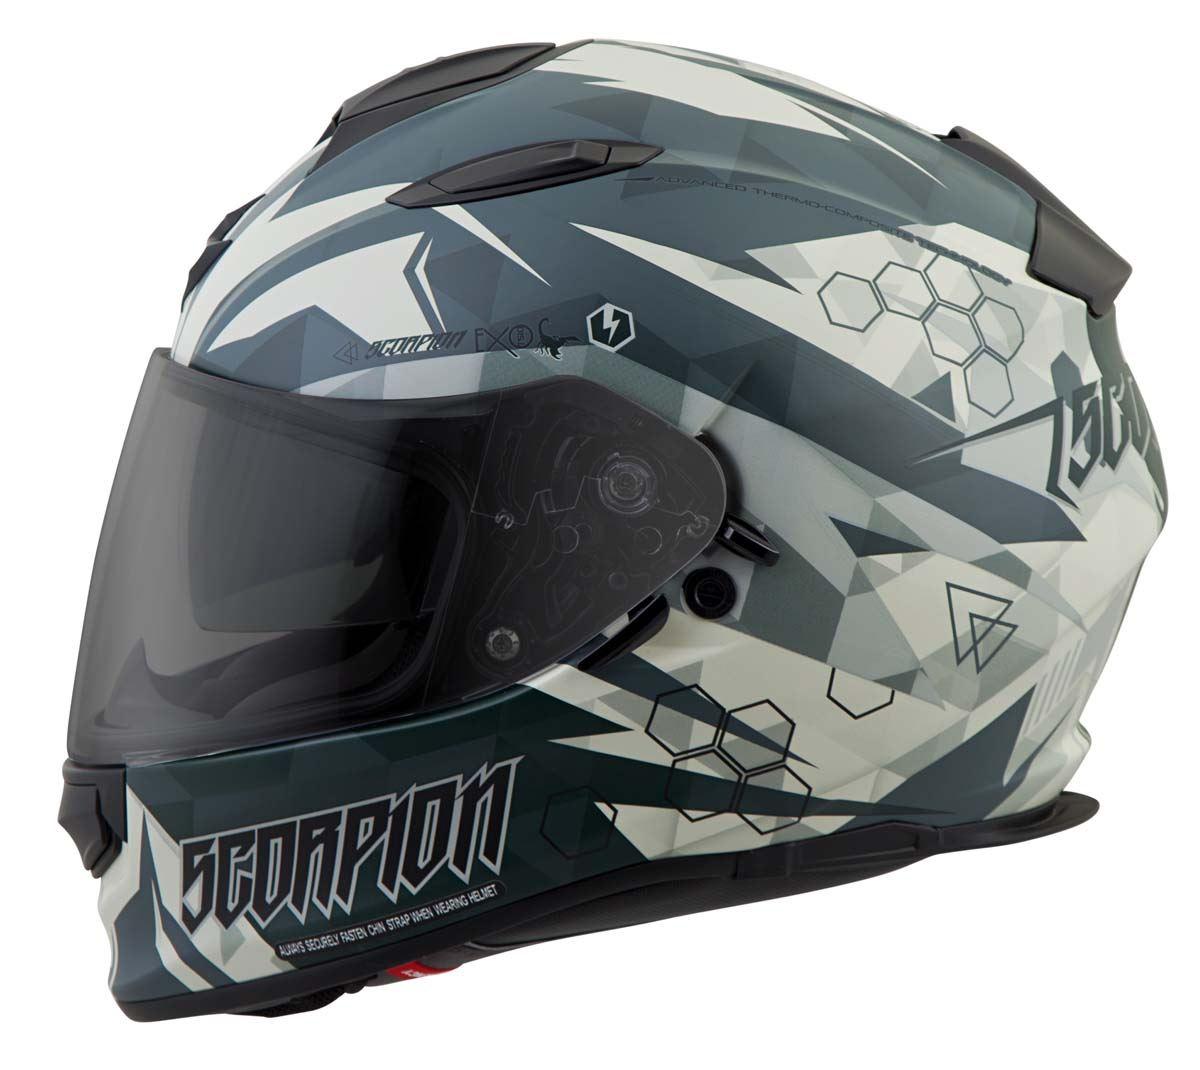 Scorpion-EXO-T510-Helmet-Full-Face-DOT-Approved-Inner-Sun-Shield miniature 58